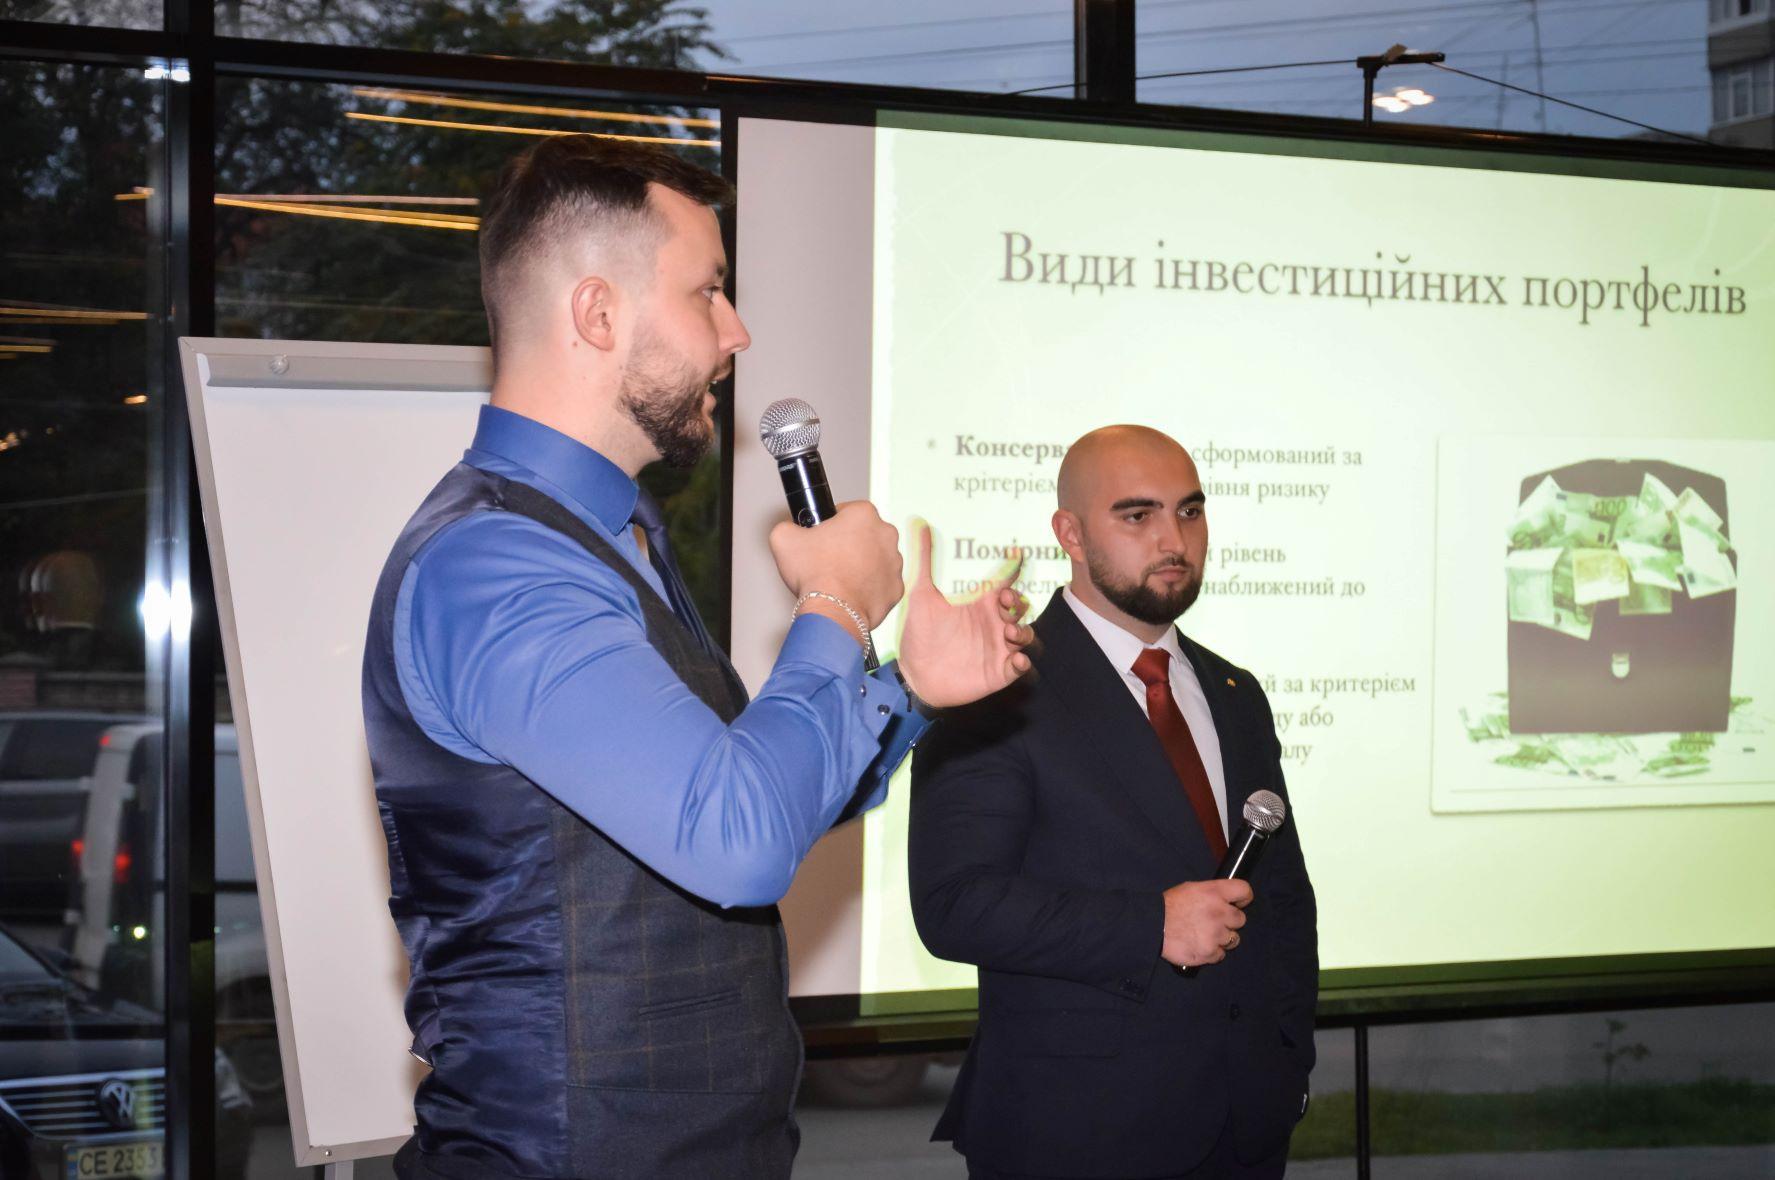 ЦБТ провів актуальну дискусійну панель в Чернівцях - 10 фото